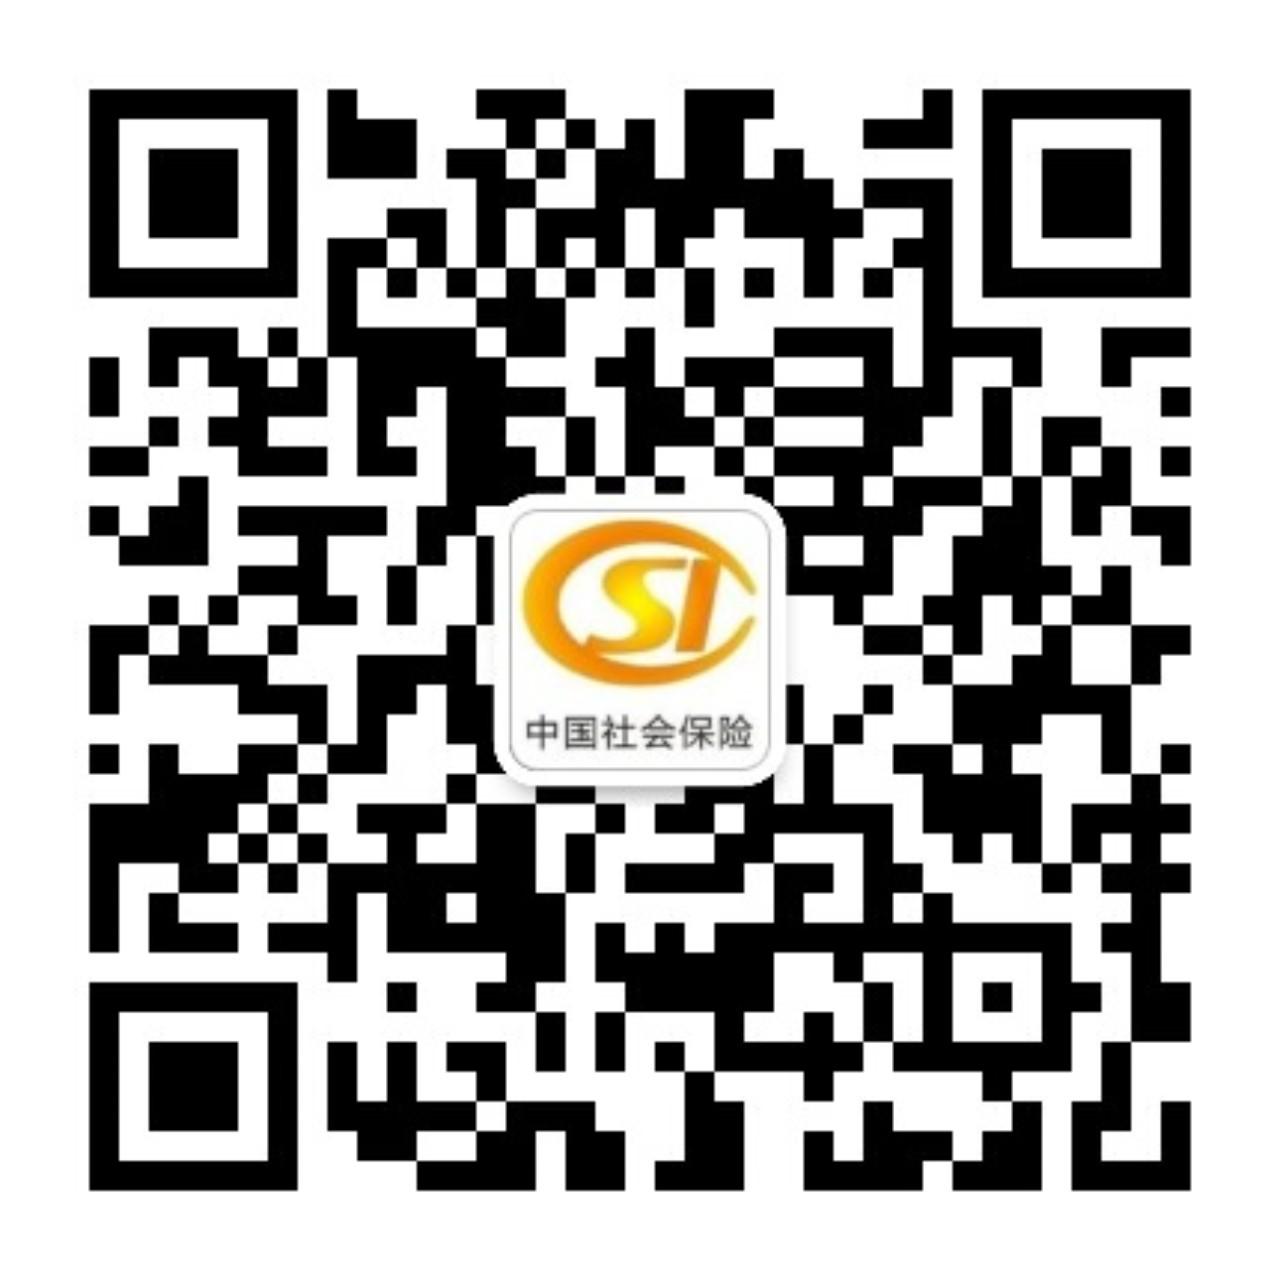 山东社保代理公司微信公众号